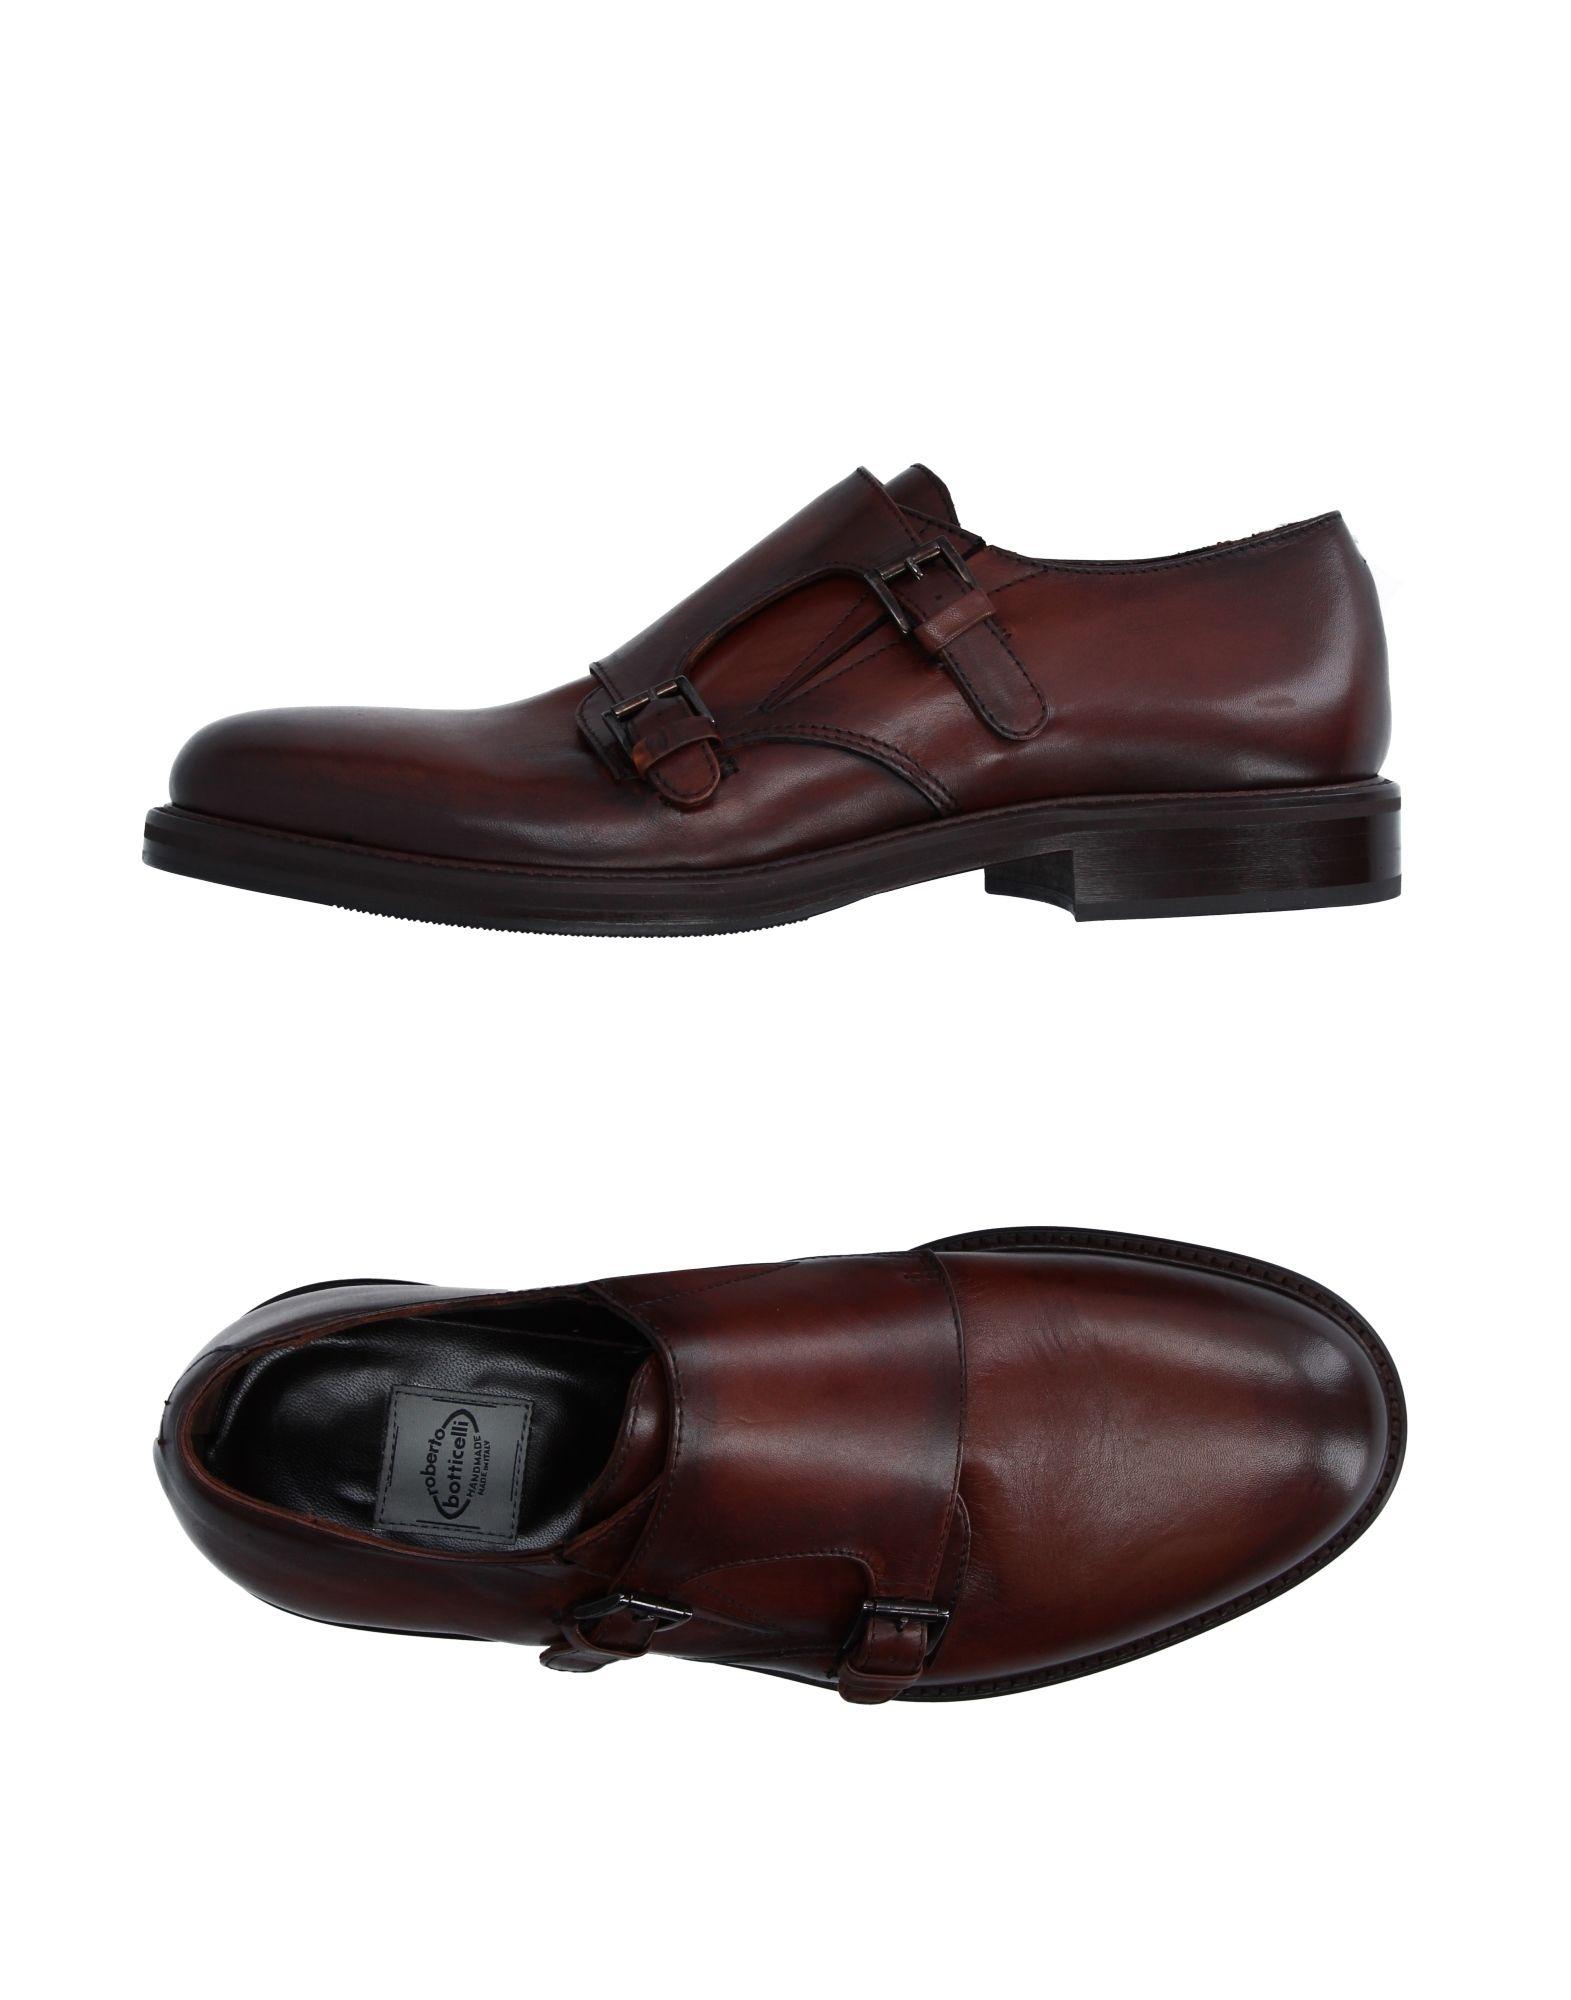 Roberto Botticelli Mokassins Qualität Herren  11310440MK Gute Qualität Mokassins beliebte Schuhe 3709c1